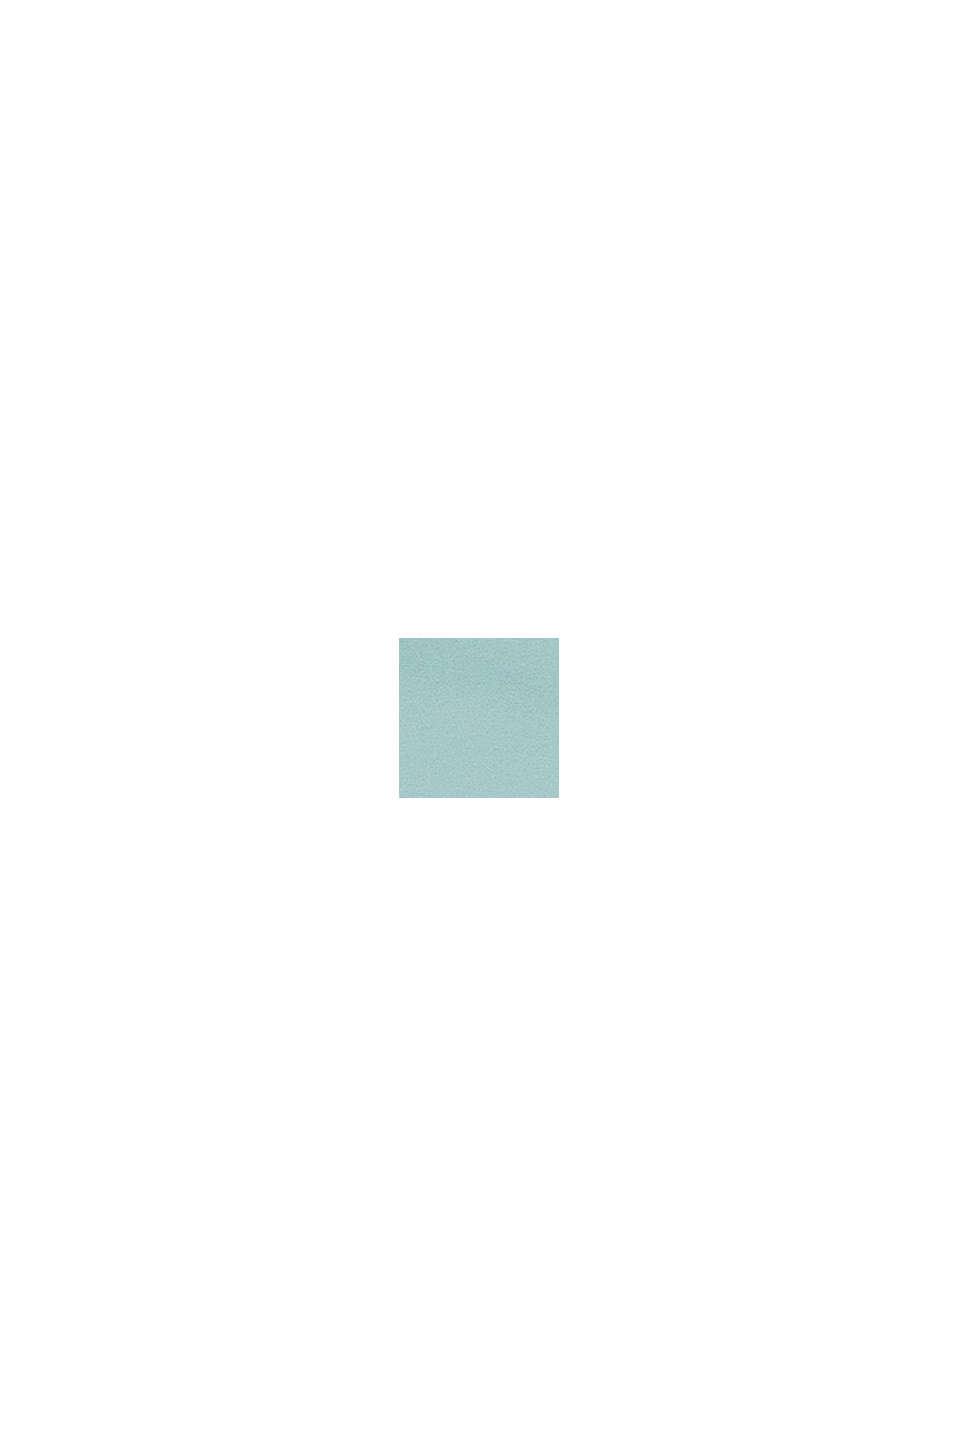 Jersey-Spannbettlaken mit Baumwolle, AQUA, swatch